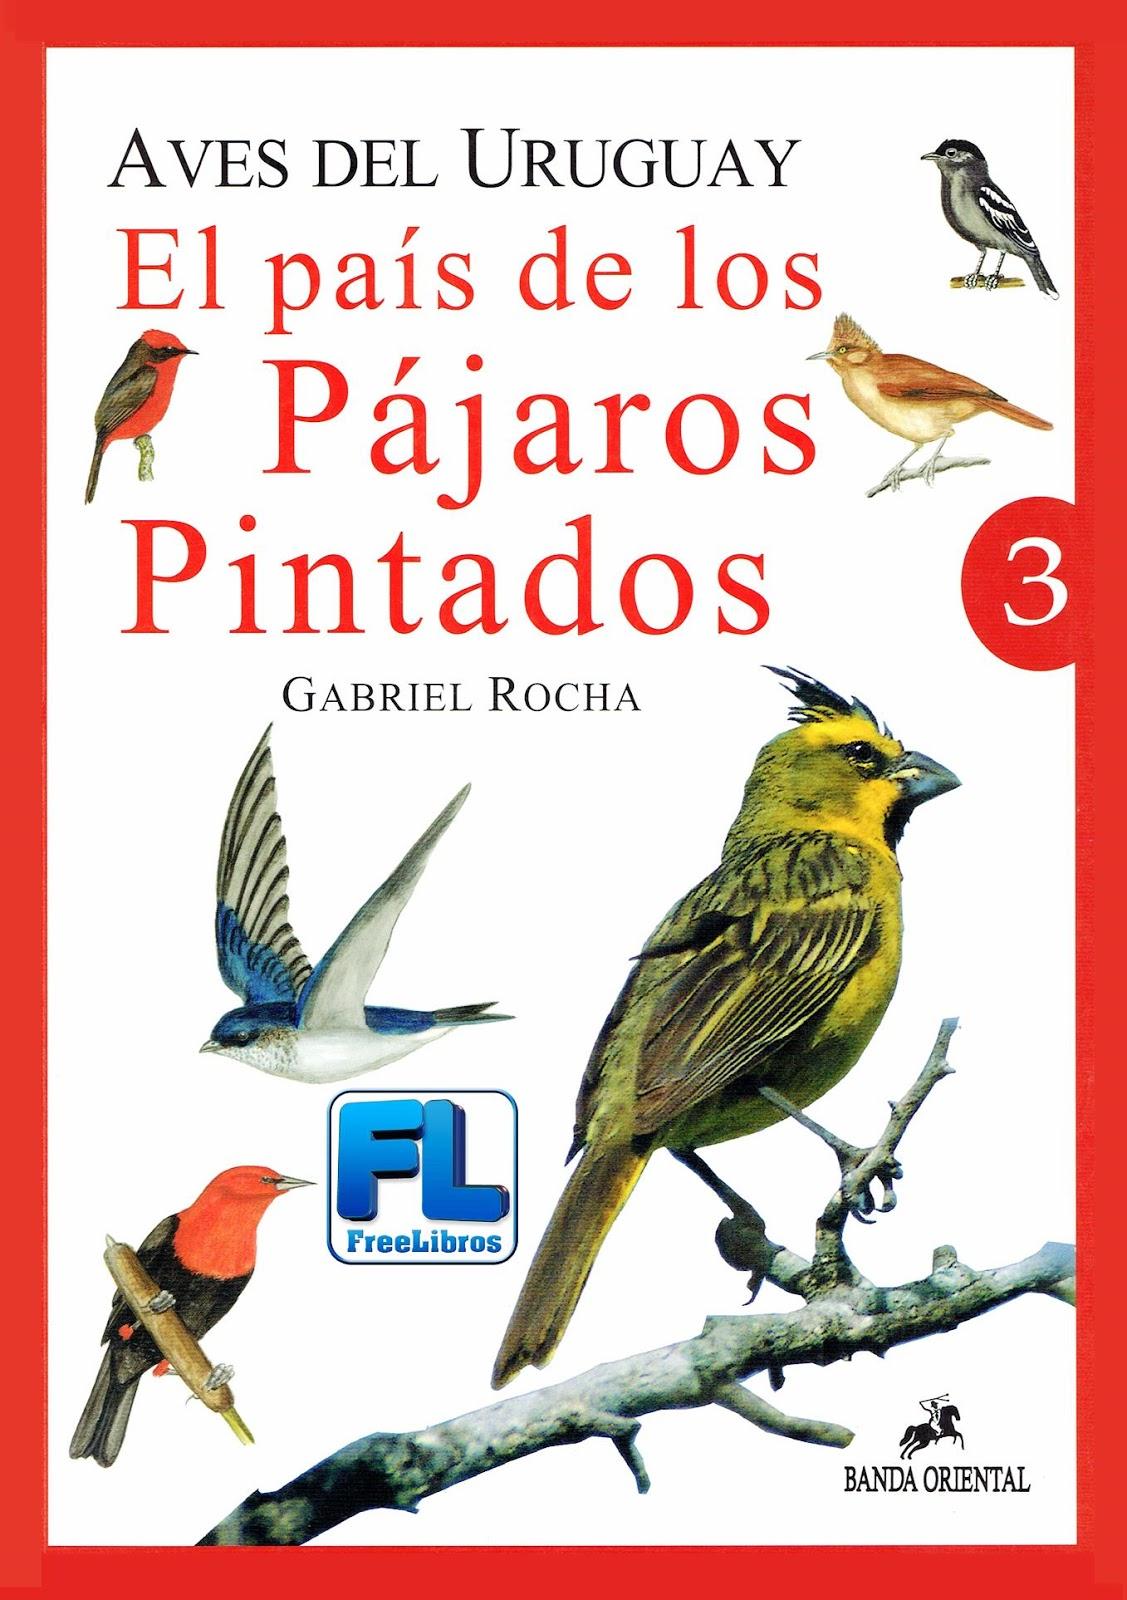 Aves del Uruguay: El país de los pájaros pintados, Vol. 3 – Gabriel Rocha